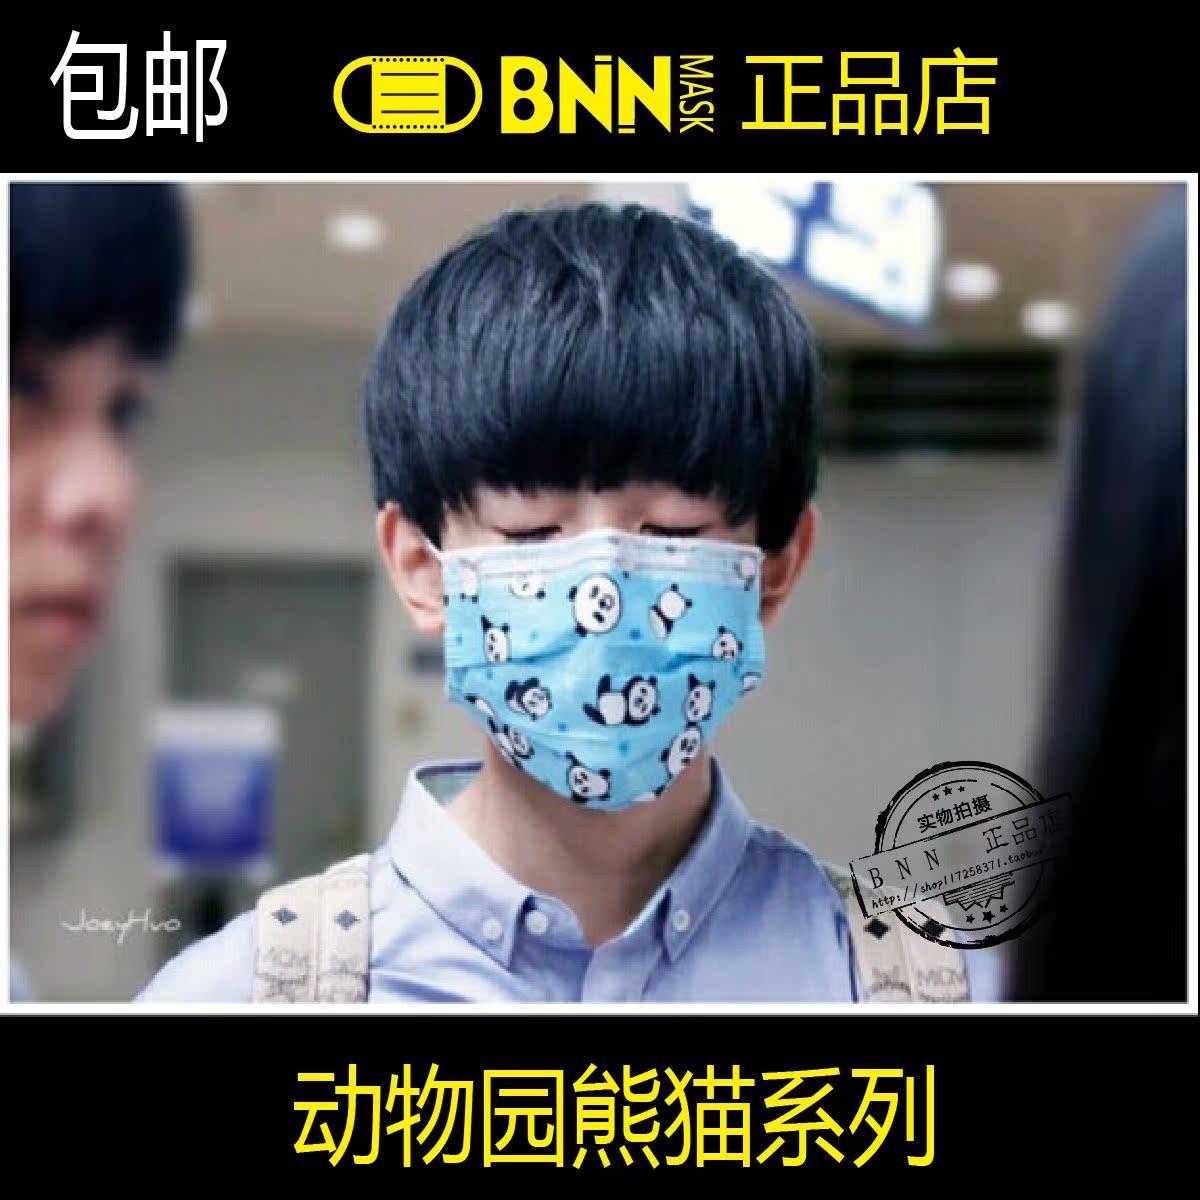 台湾BNN MASK动物园熊猫王源王俊凯明星同款TFBOYS防尘一次性口罩